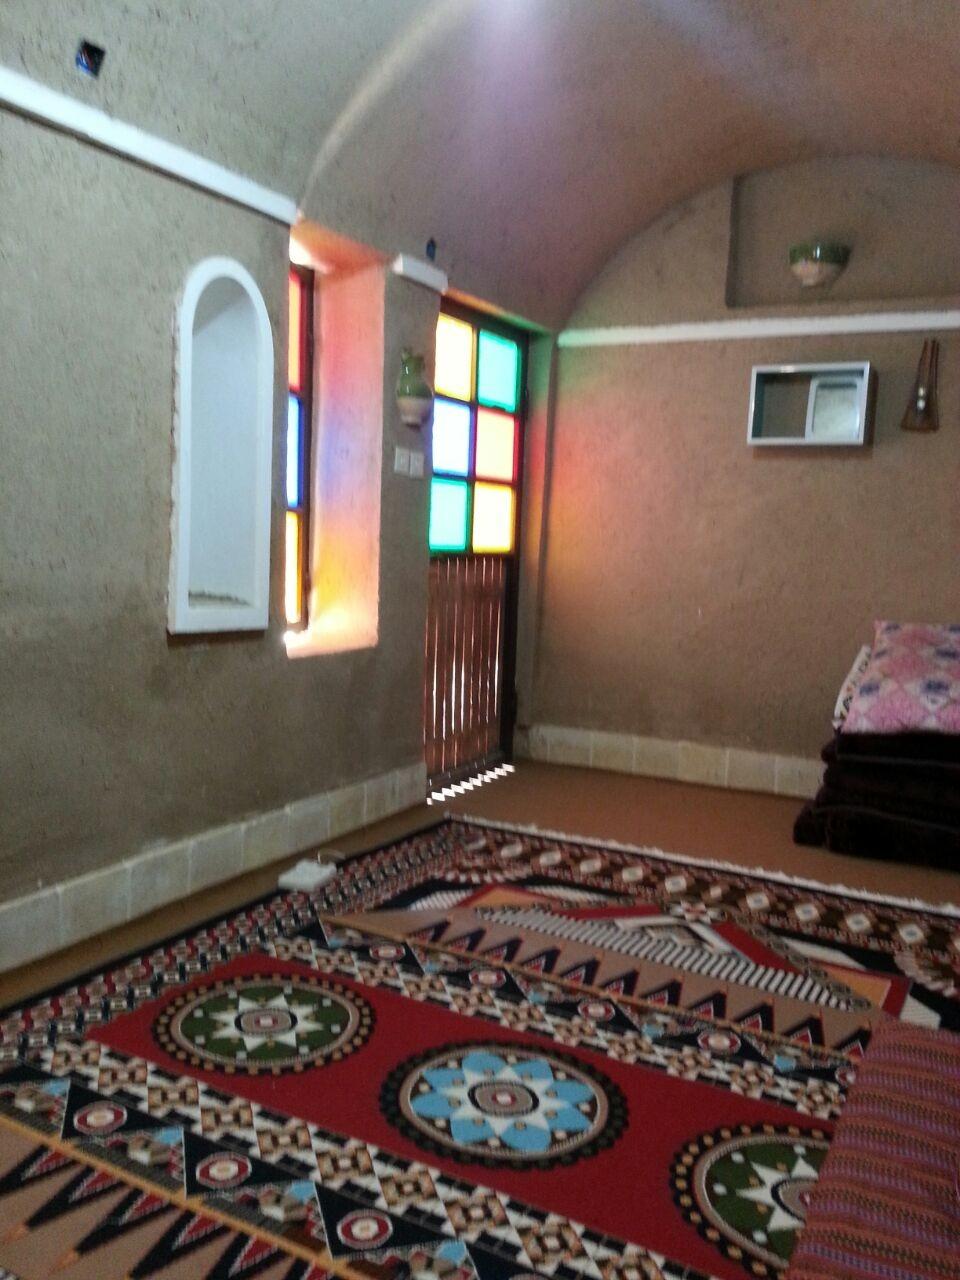 کویری مجموعه بومگردی در خوروبیابانک اصفهان _ اتاق10